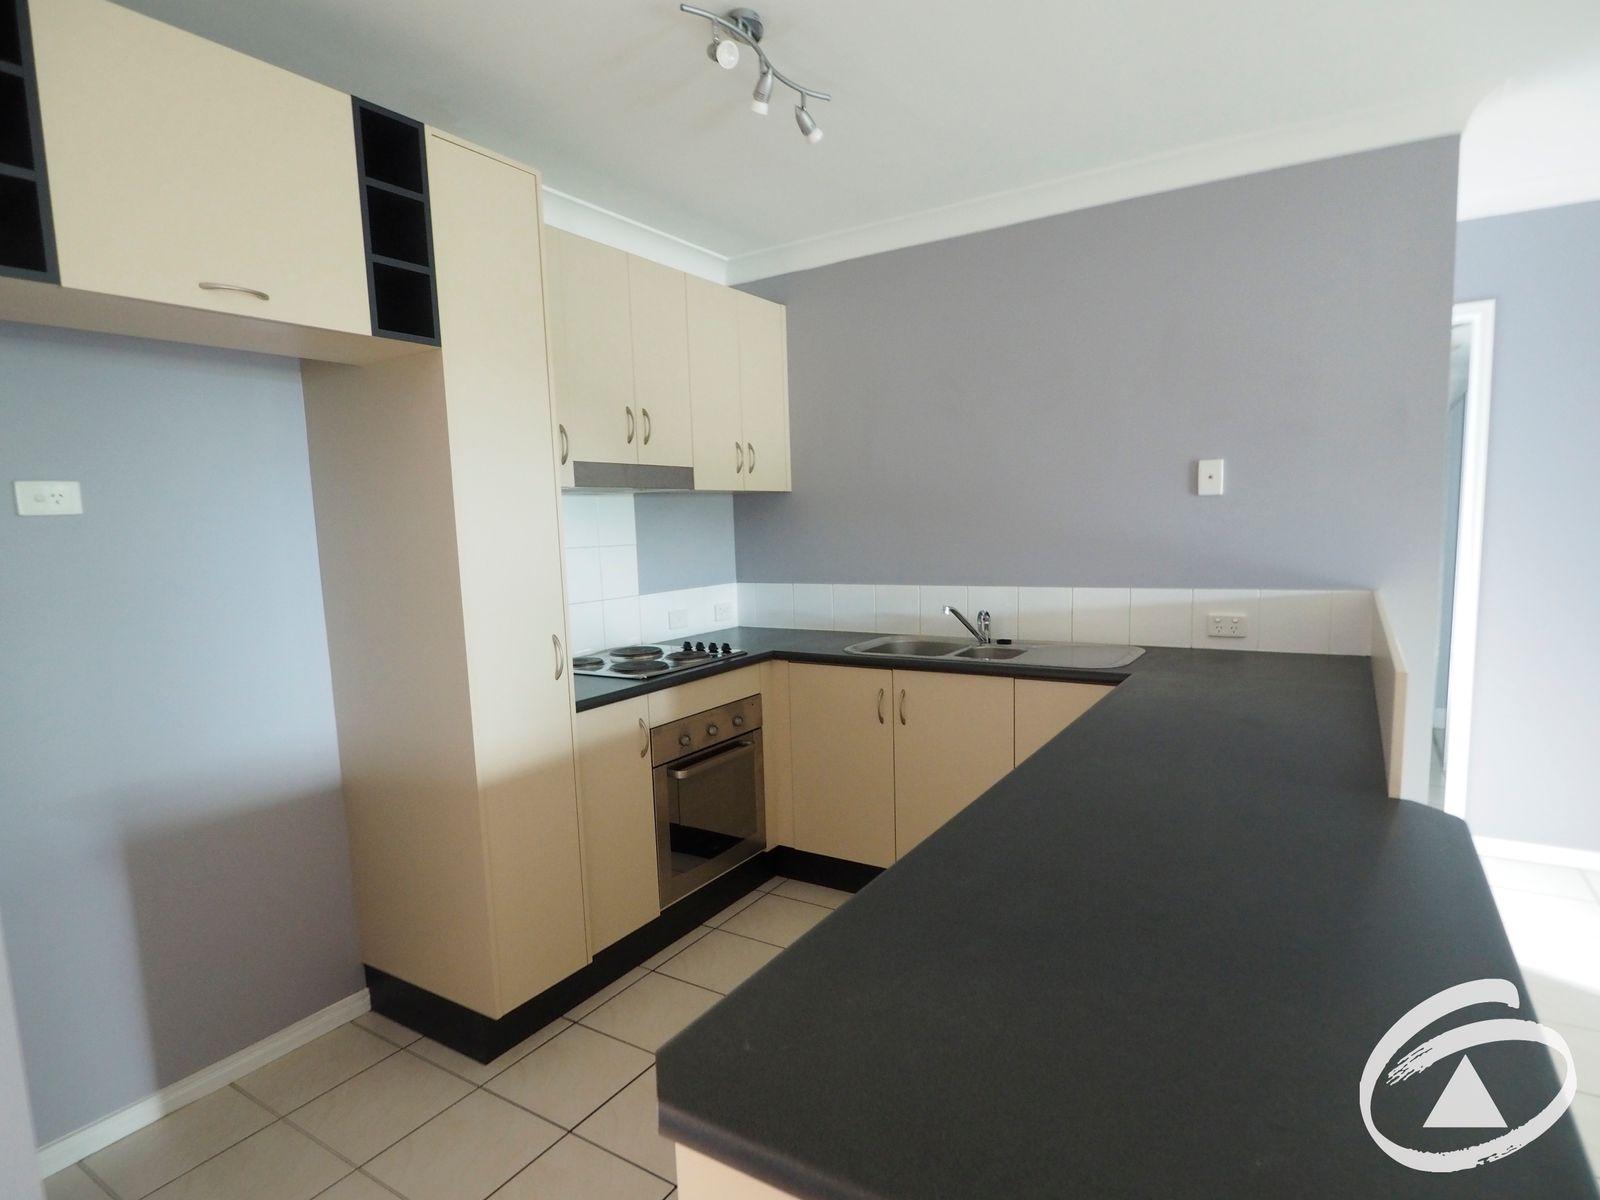 31/58 Intake Road, Redlynch, QLD 4870